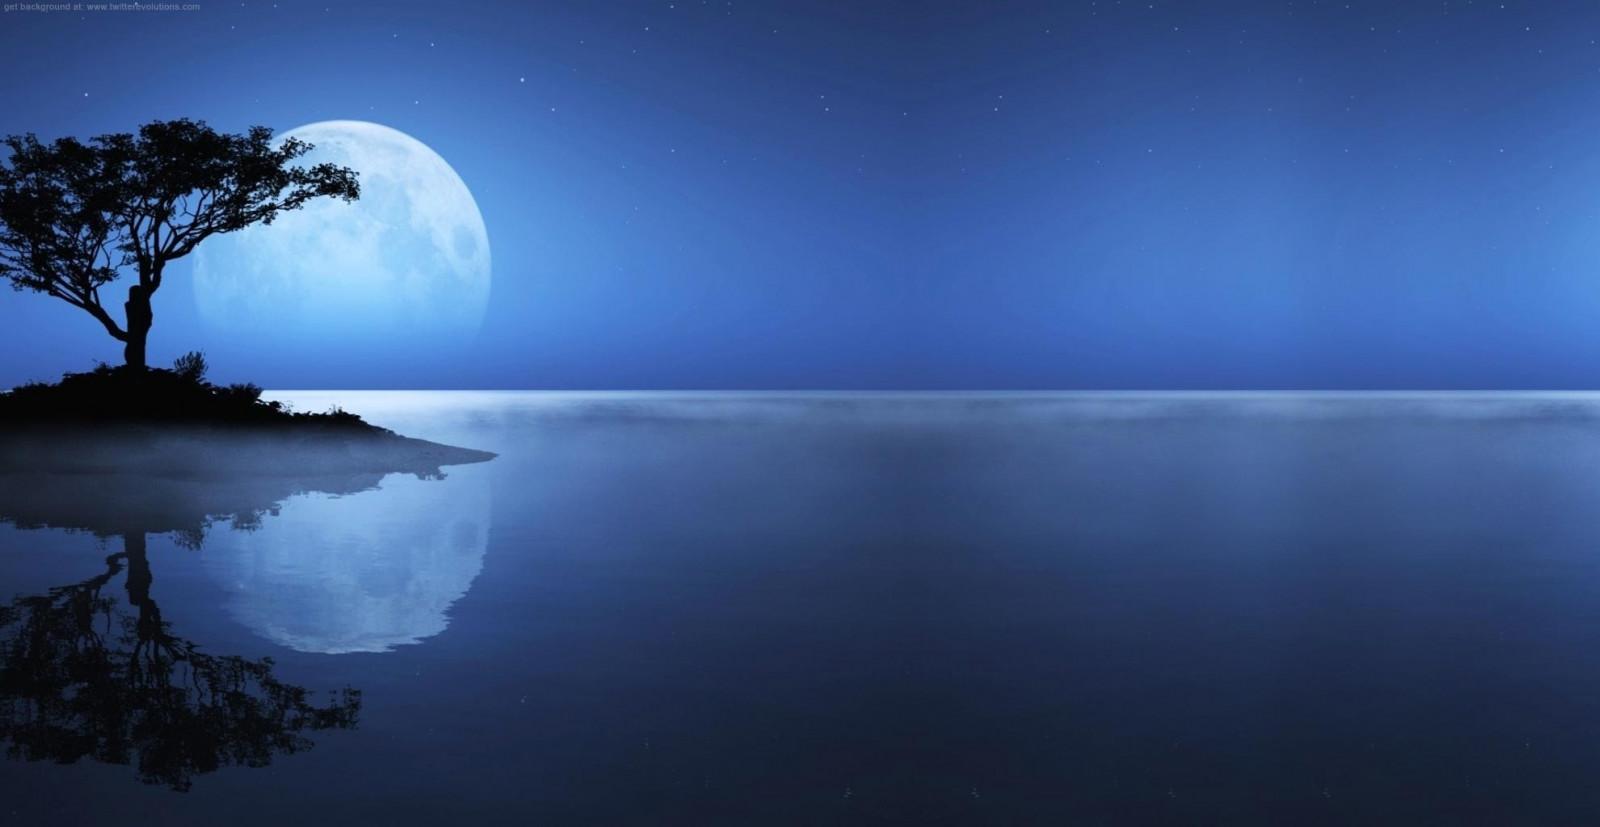 デスクトップ壁紙 日光 デジタルアート 自然 反射 空 月光